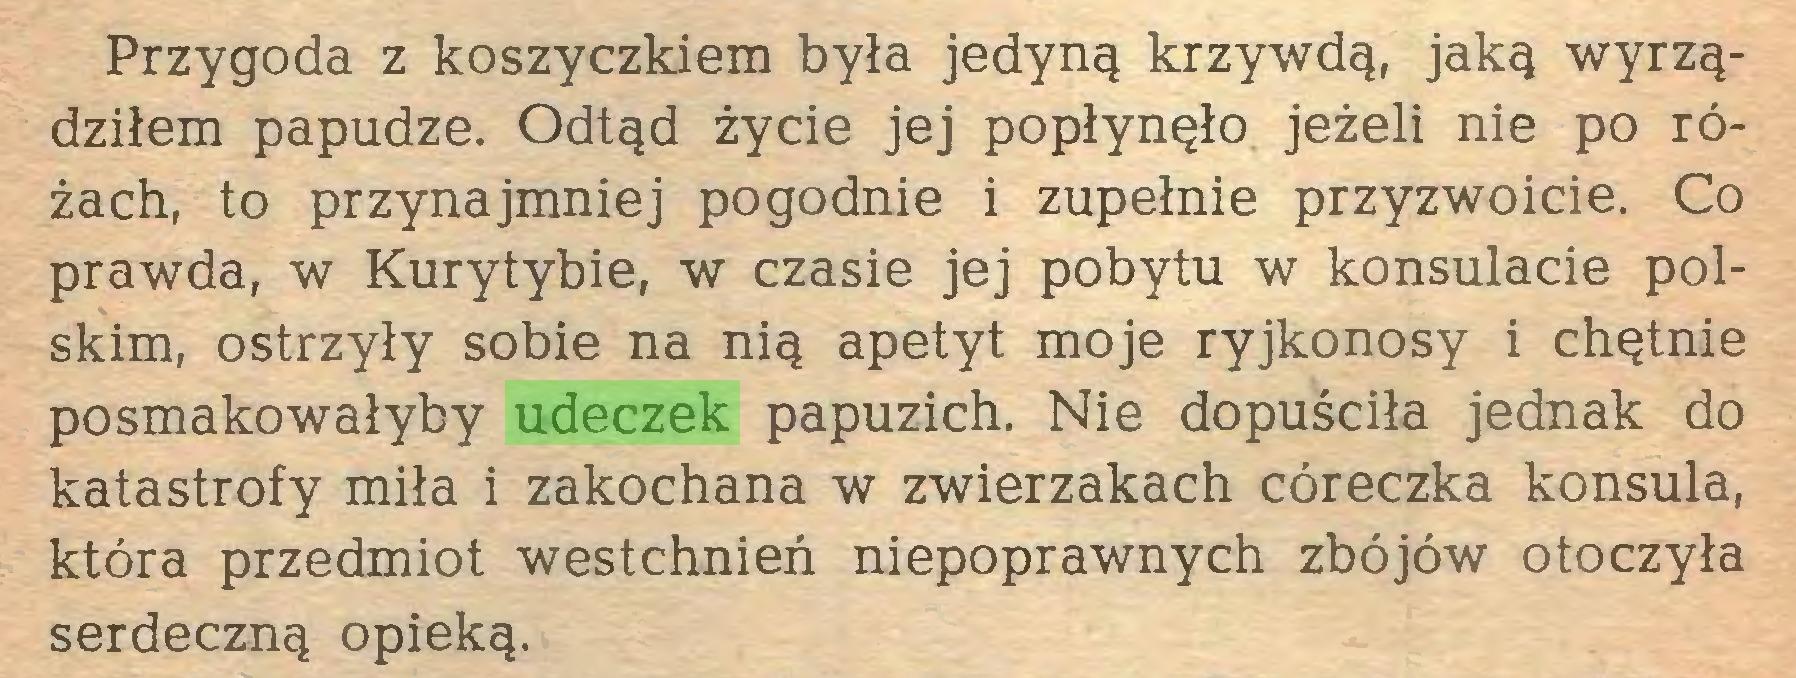 (...) Przygoda z koszyczkiem była jedyną krzywdą, jaką wyrządziłem papudze. Odtąd życie jej popłynęło jeżeli nie po różach, to przynajmniej pogodnie i zupełnie przyzwoicie. Co prawda, w Kurytybie, w czasie jej pobytu w konsulacie polskim, ostrzyły sobie na nią apetyt moje ryjkonosy i chętnie posmakowałyby udeczek papuzich. Nie dopuściła jednak do katastrofy miła i zakochana w zwierzakach córeczka konsula, która przedmiot westchnień niepoprawnych zbójów otoczyła serdeczną opieką...